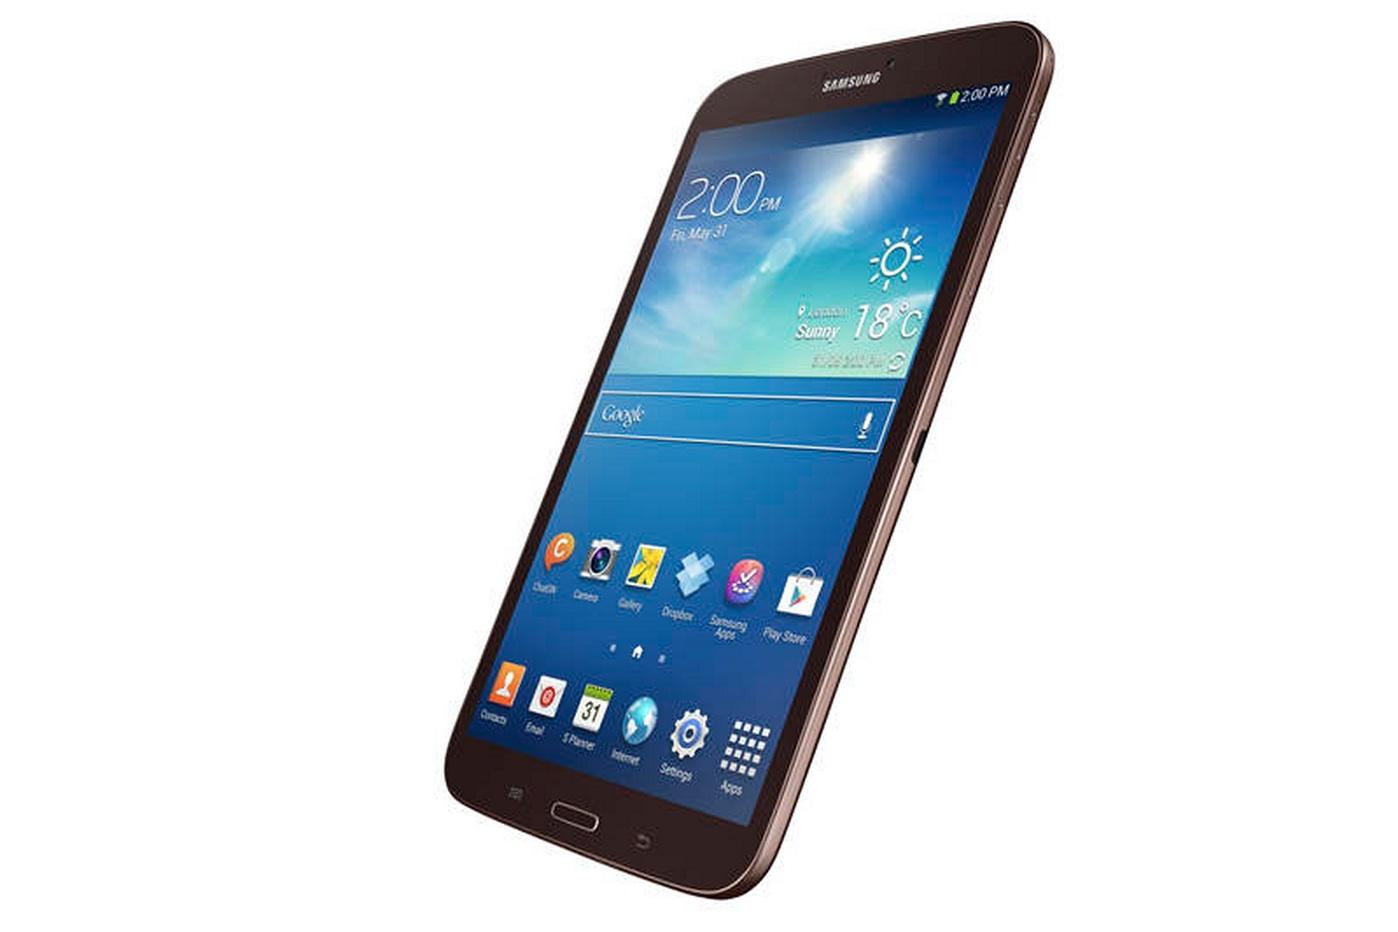 Samsung Galaxy Tab 3 8.0 - вид сбоку